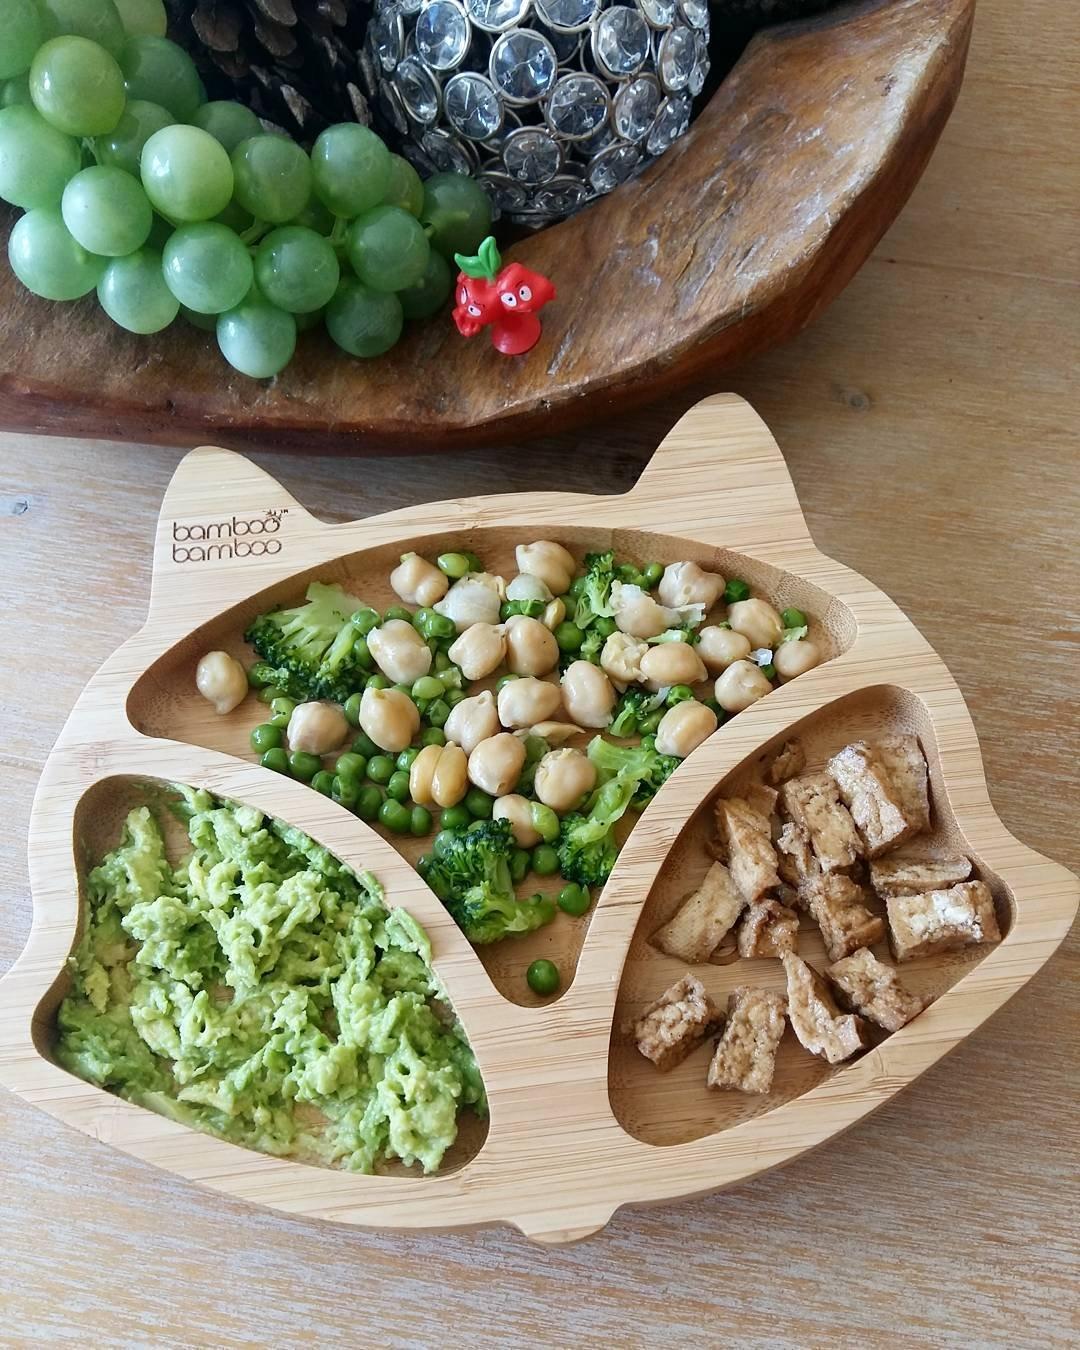 Fuchs Baby Saugnapf-Teller Standfeste Saug-F/ütter-Teller aus naturbelassenem Bambus